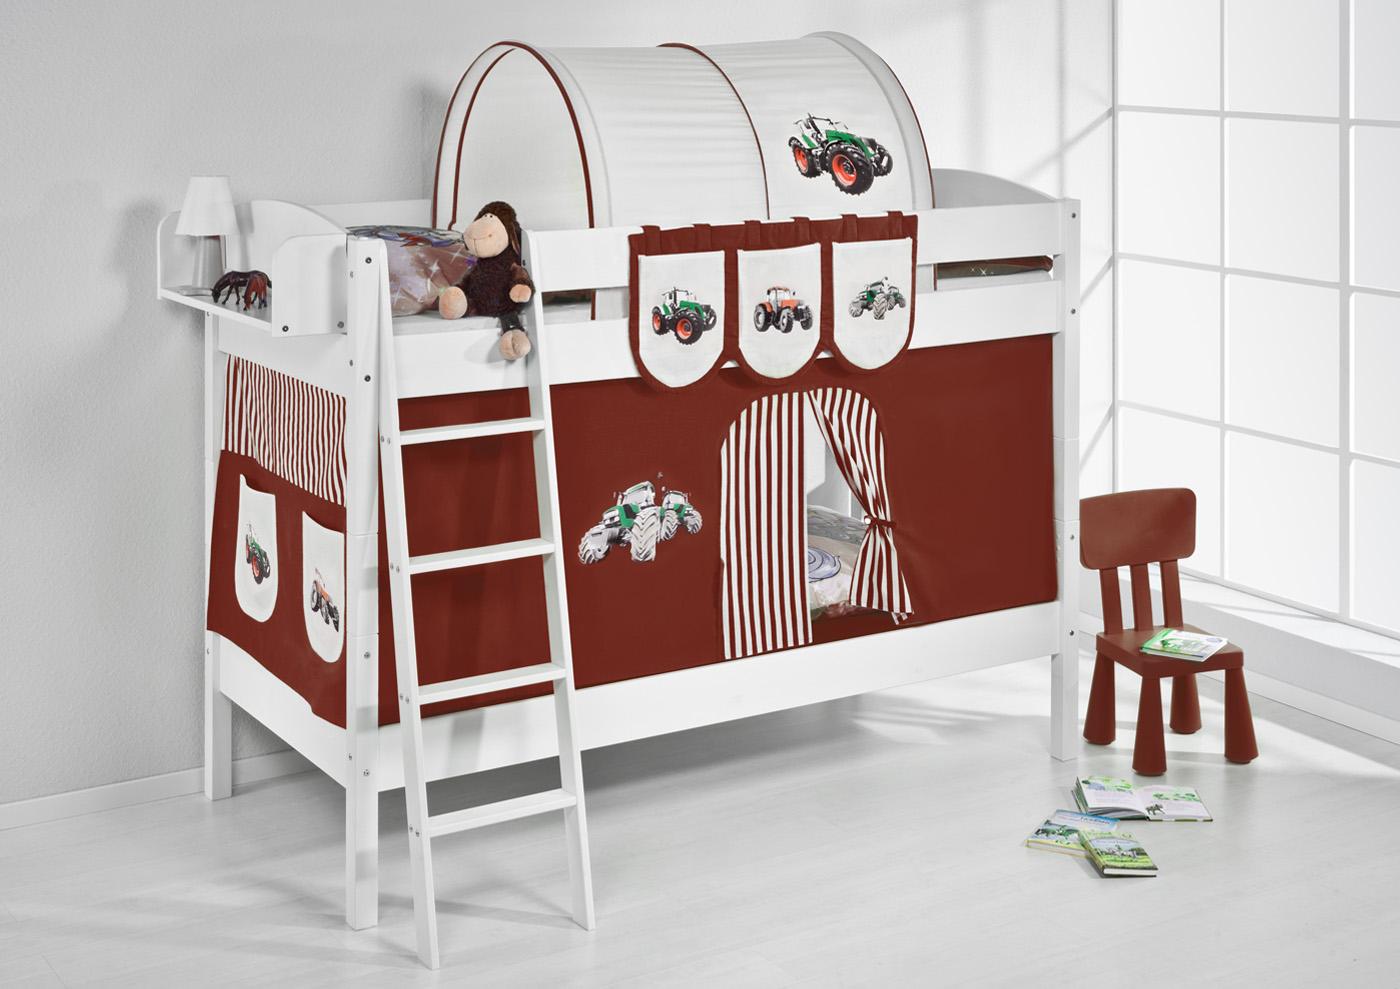 Etagenbett Hochbett Kinder Bett Aus Massiver Kiefer IDA